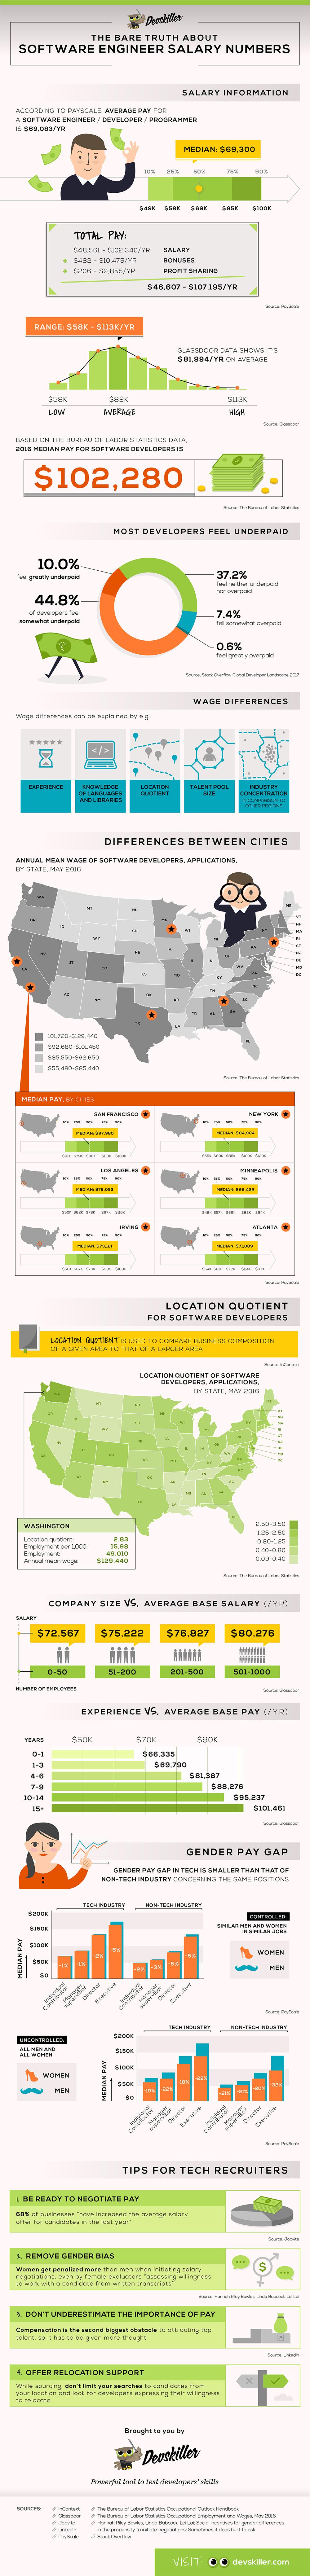 INFOGRAPHIC]: Những con số hấp dẫn về lương của Software Engineer